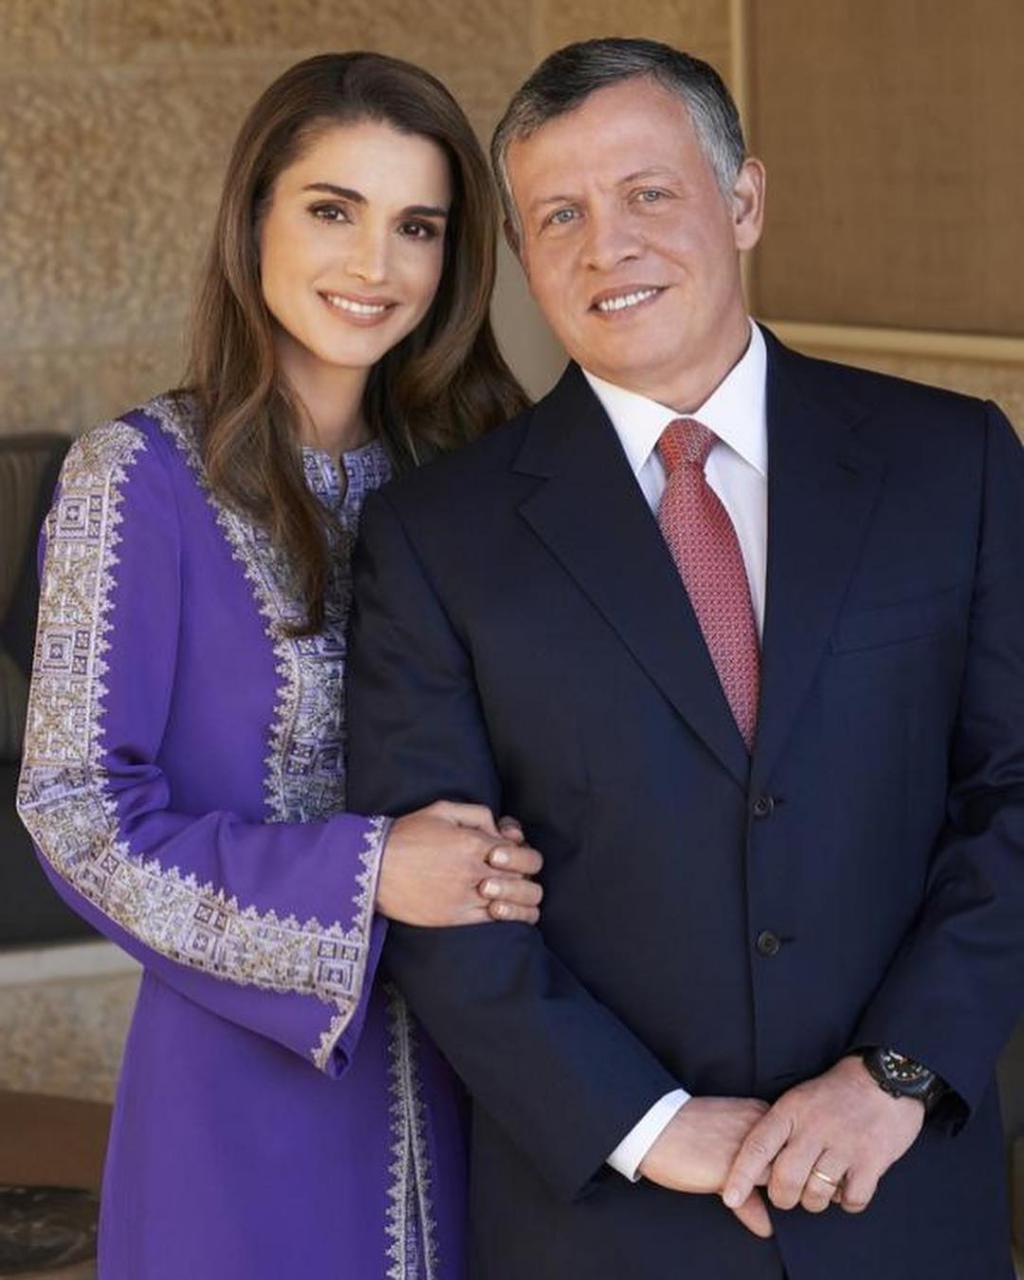 قدرتمندترین زنان عرب؛ از ملکه زیبای اردن تا زنی که رئیس مافیای تونس بود/ آیا قدرت اصلی قطر در دستان یک زن ایرانی الاصل است؟